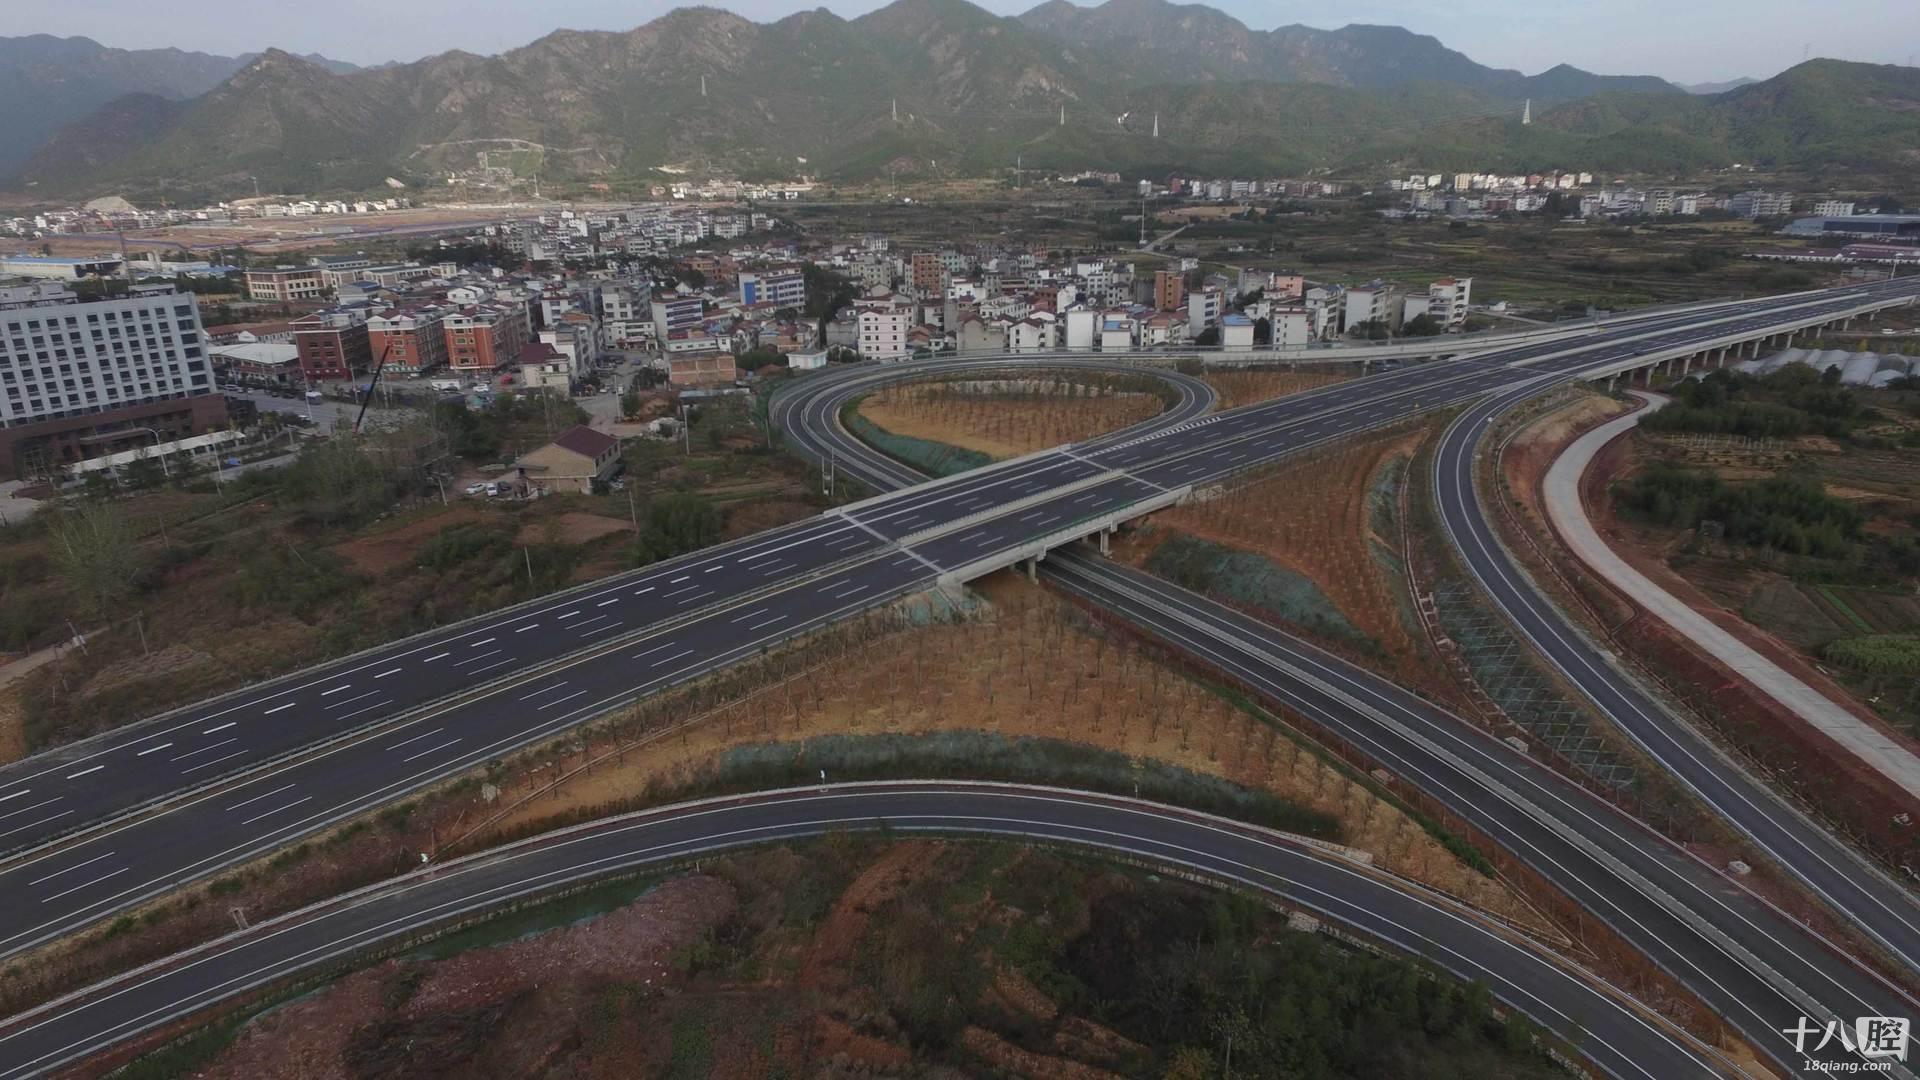 s45义乌至东阳高速(原疏港高速)公路将于2018年1月12日零时起,与g60杭